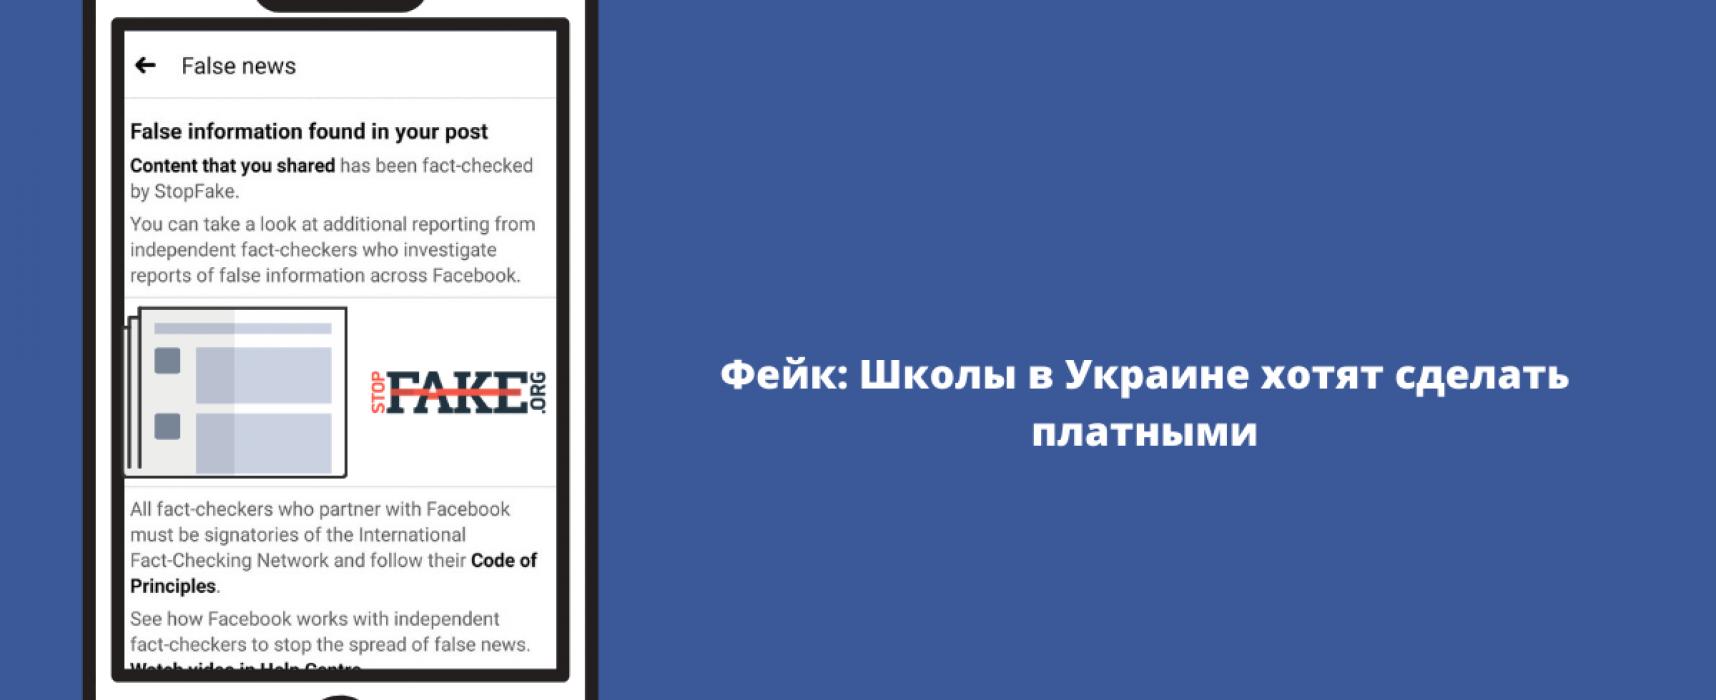 Фейк: Школи в Україні хочуть зробити платними